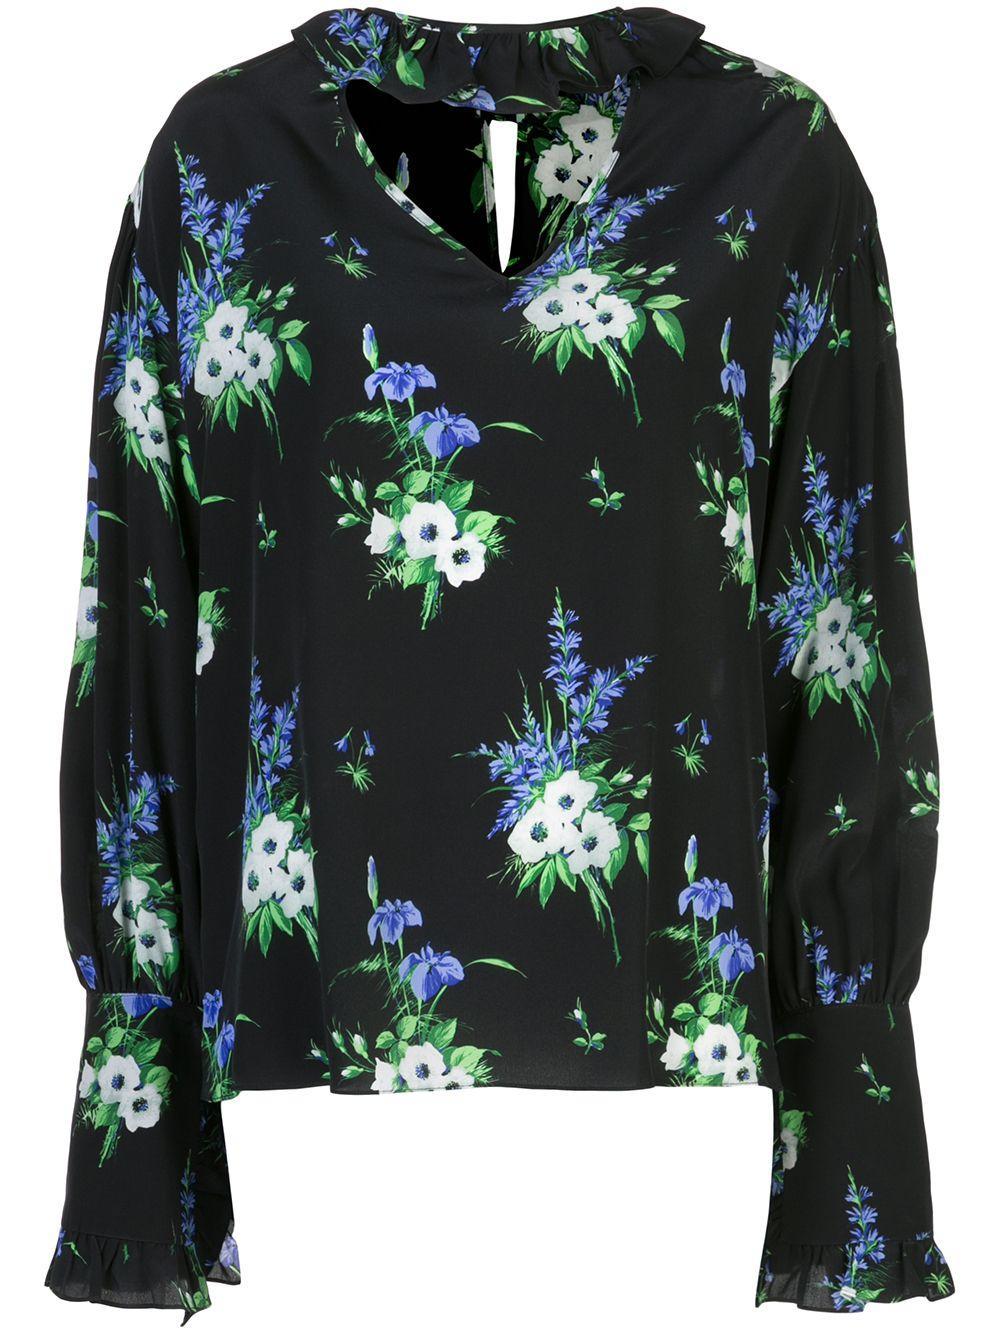 Floral Choker Neck Ruffle Collar V-Neck